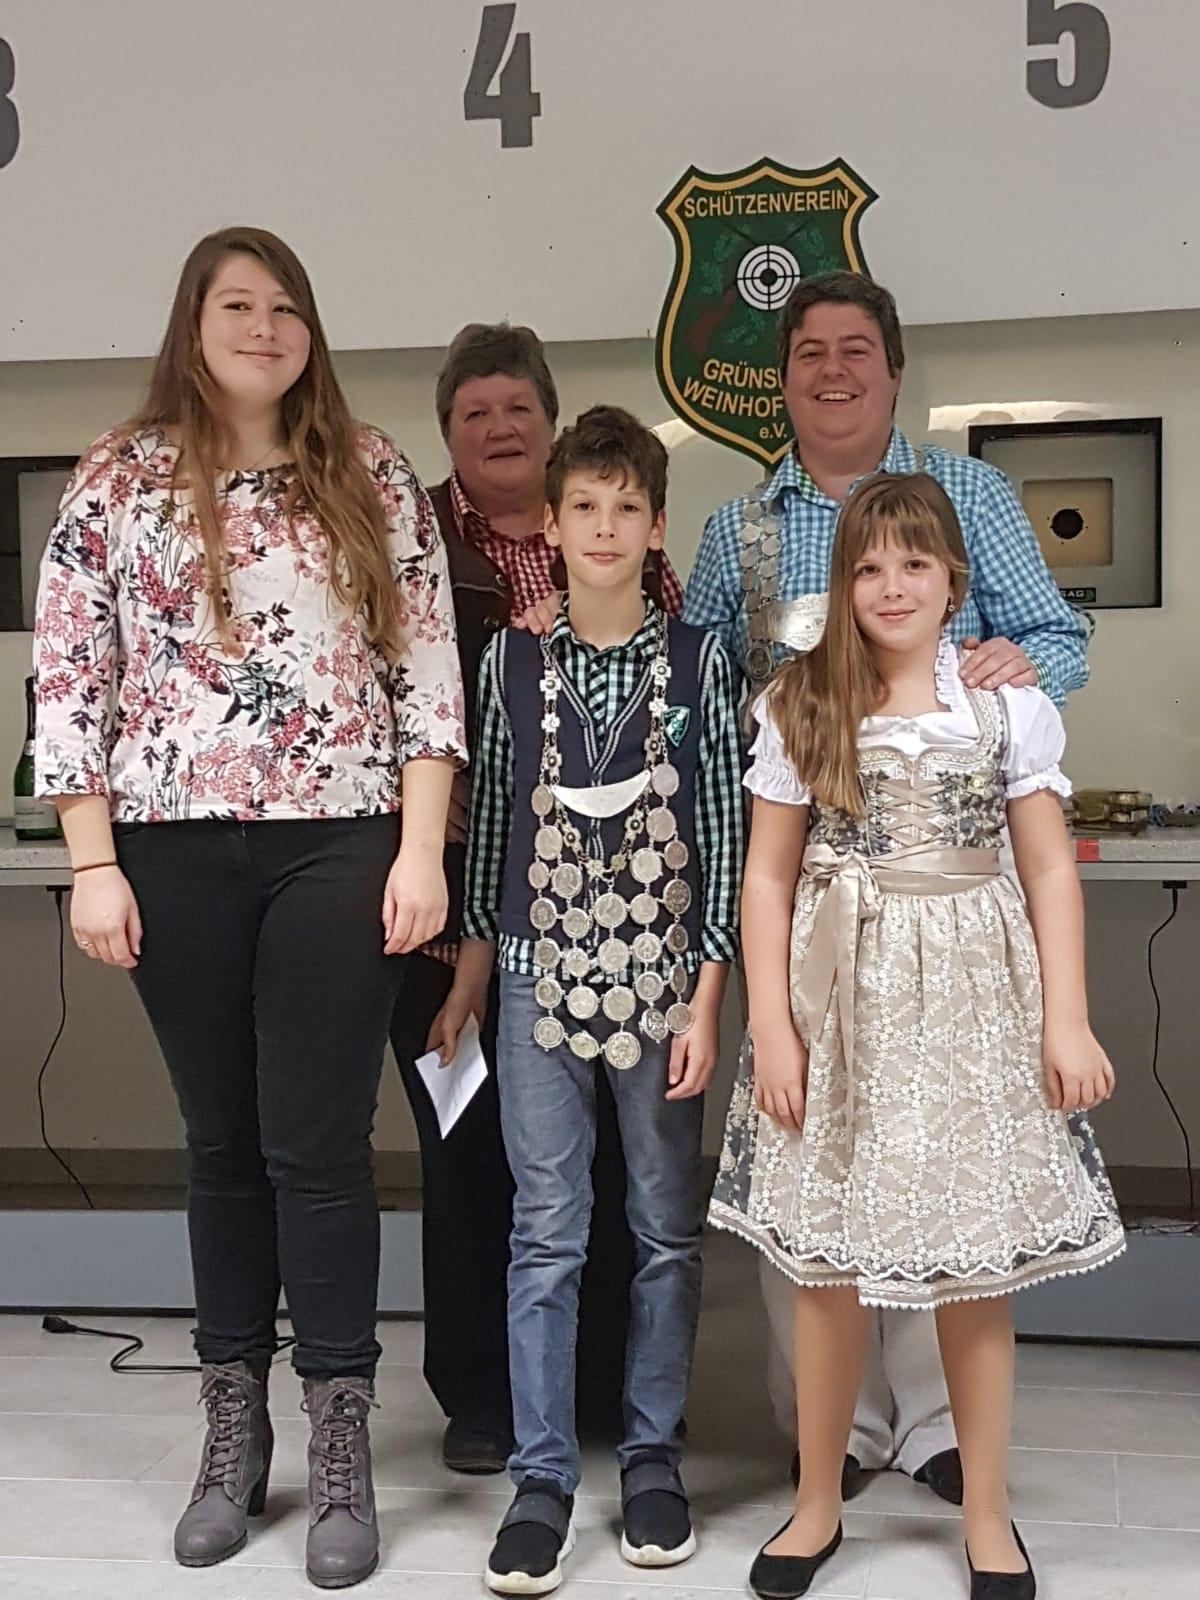 Jugendkönig Florian Frank mit seinen Ritterinnen Chiara Amato und Hanna Eckstein